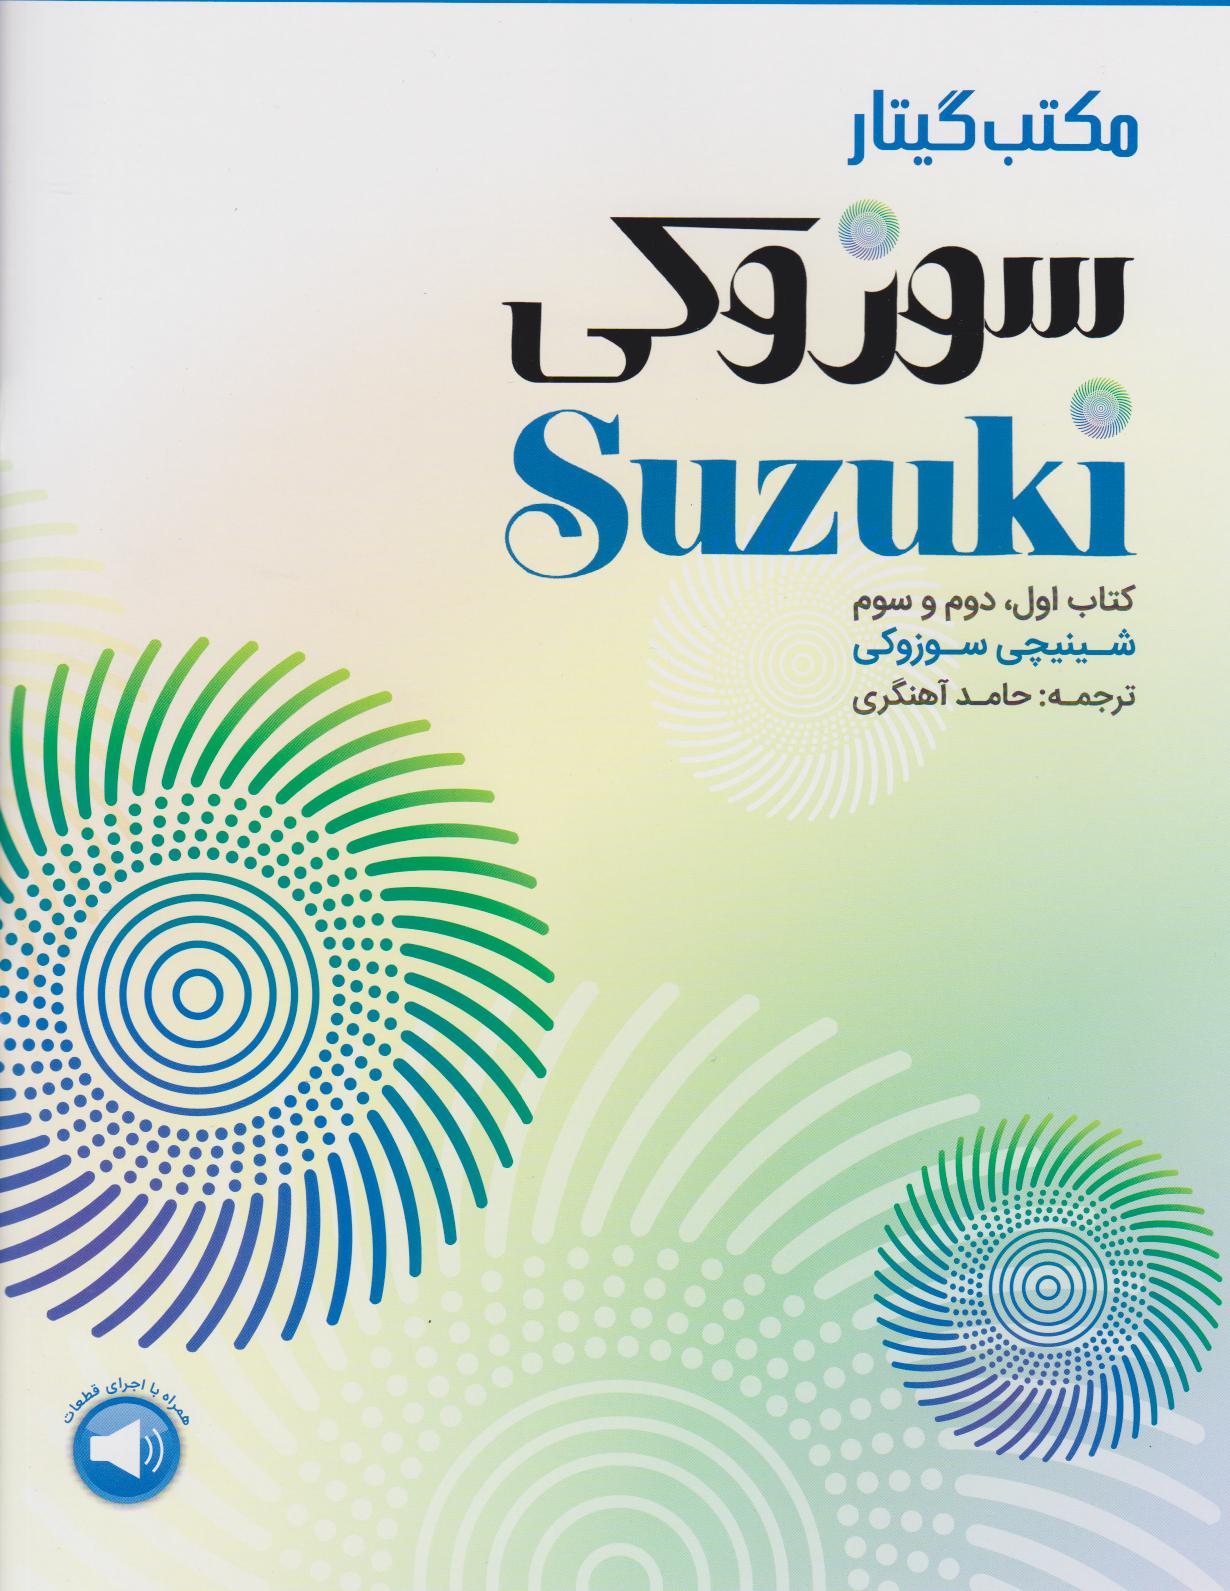 کتاب اول دوم سوم مکتب گیتار سوزوکی حامد آهنگری انتشارات سرود